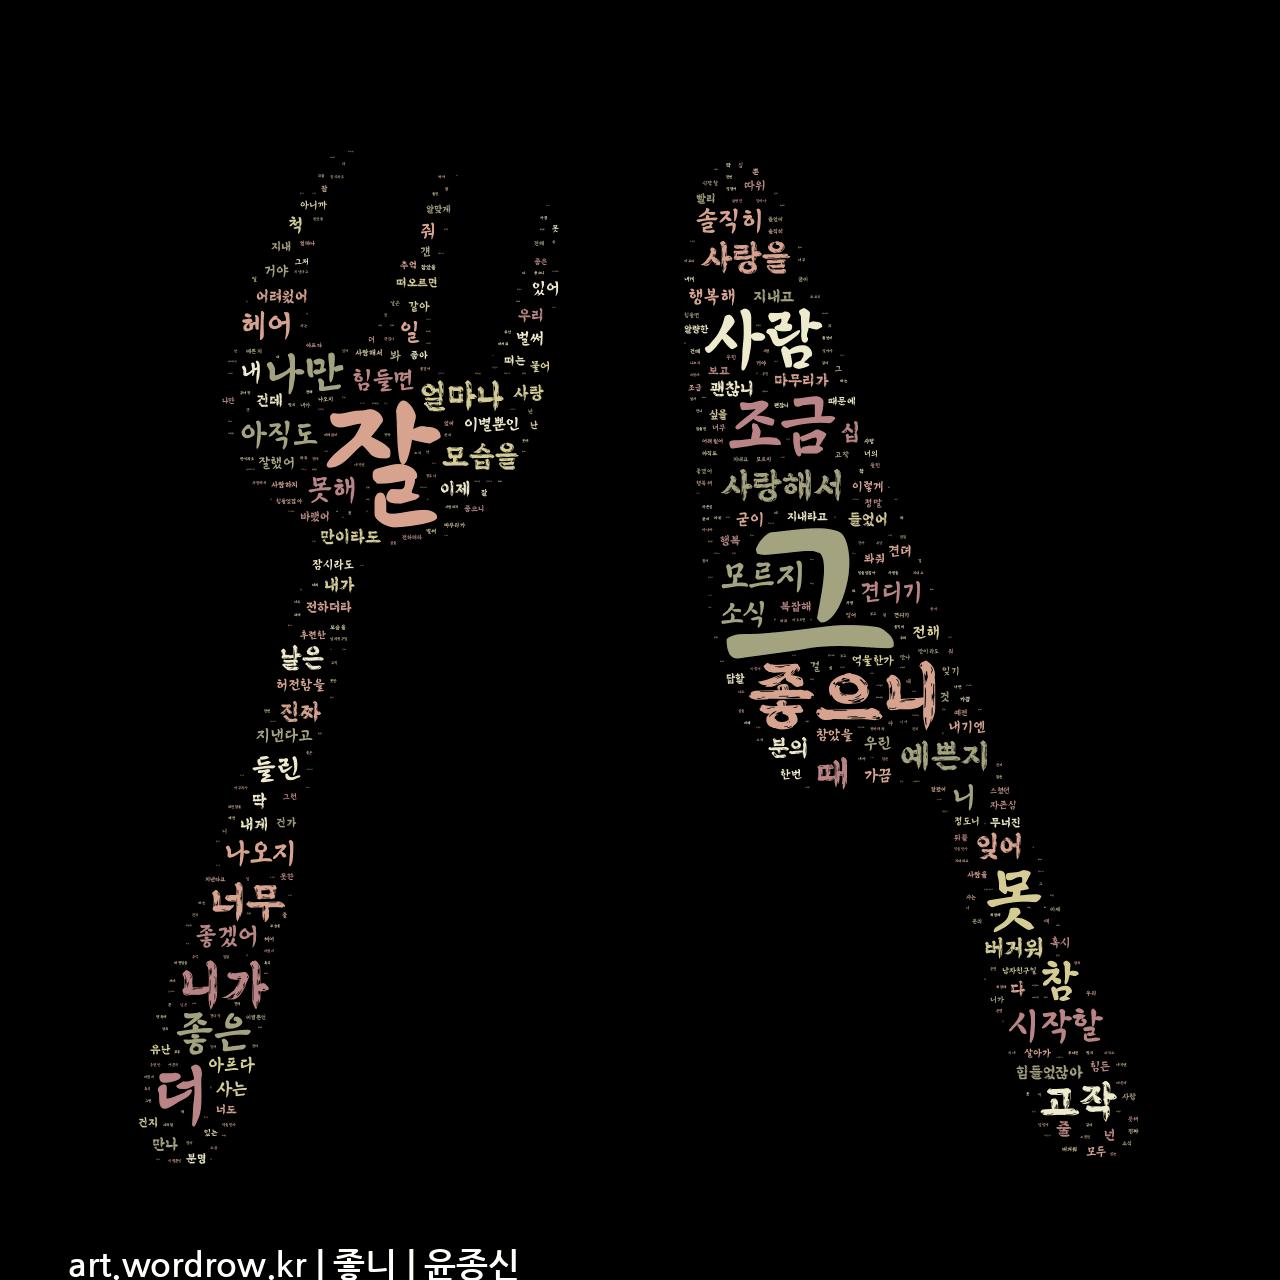 워드 아트: 좋니 [윤종신]-46